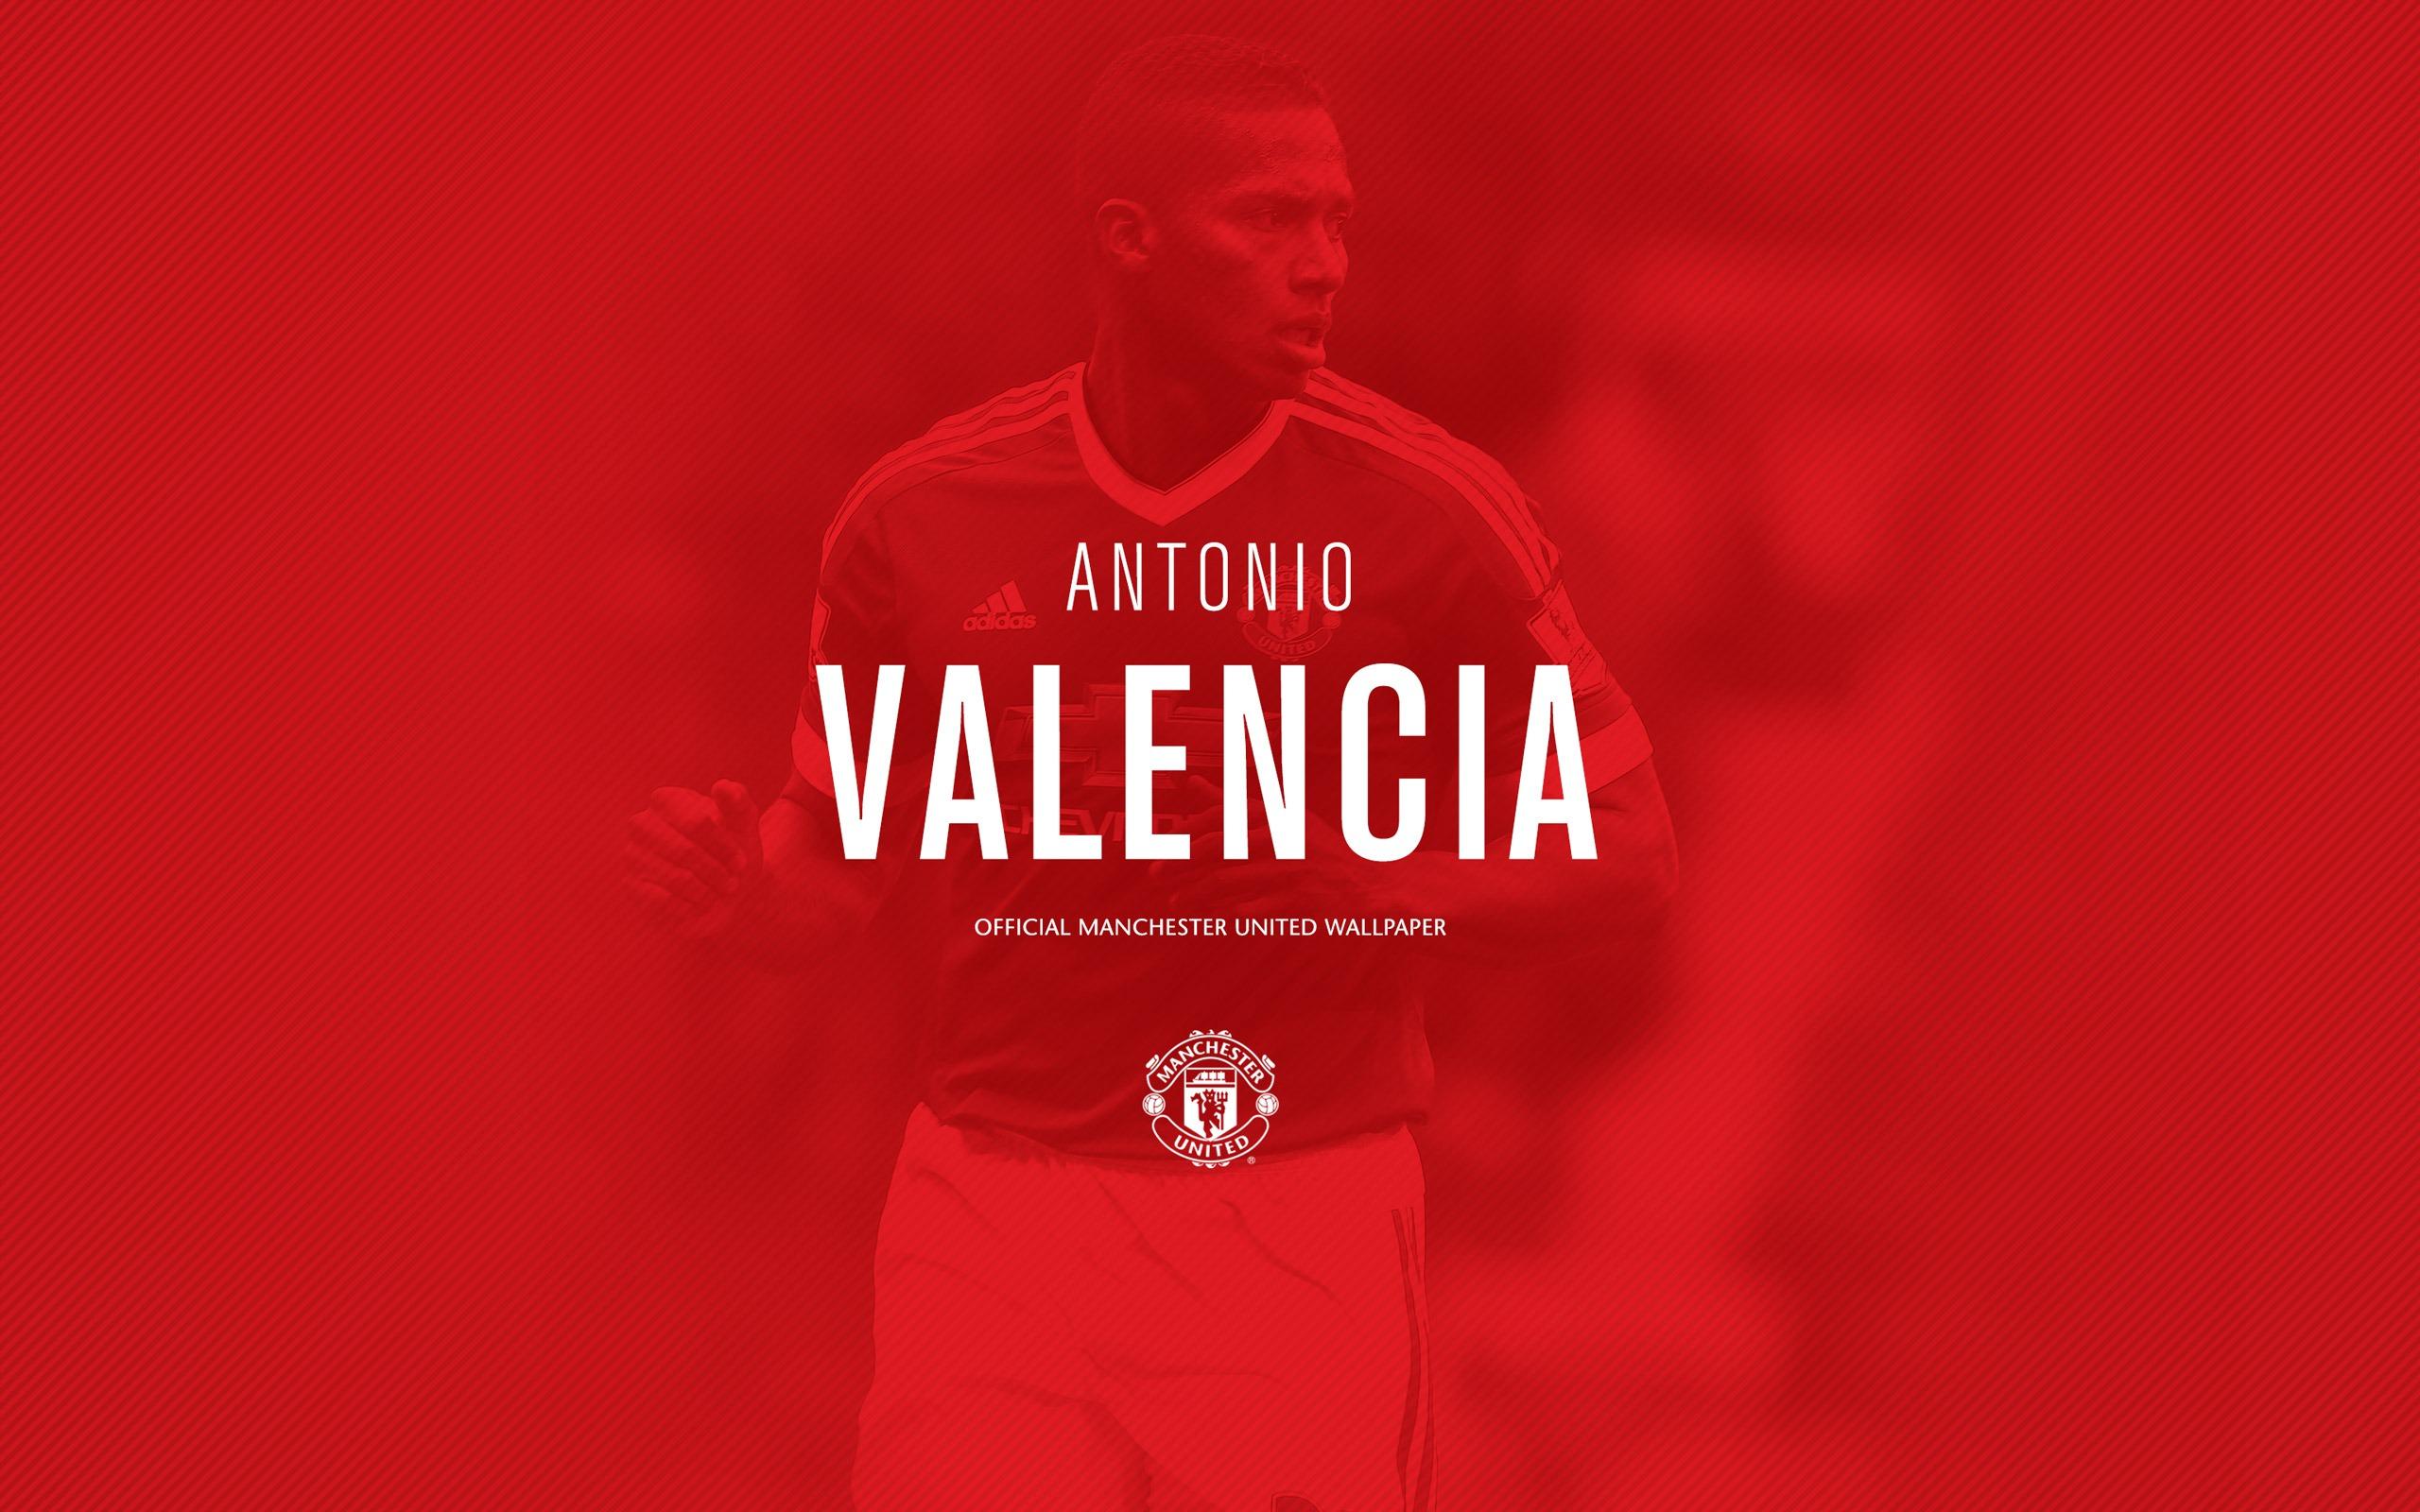 Antonio Valencia 2016 Manchester United Fondo De Pantalla Hd